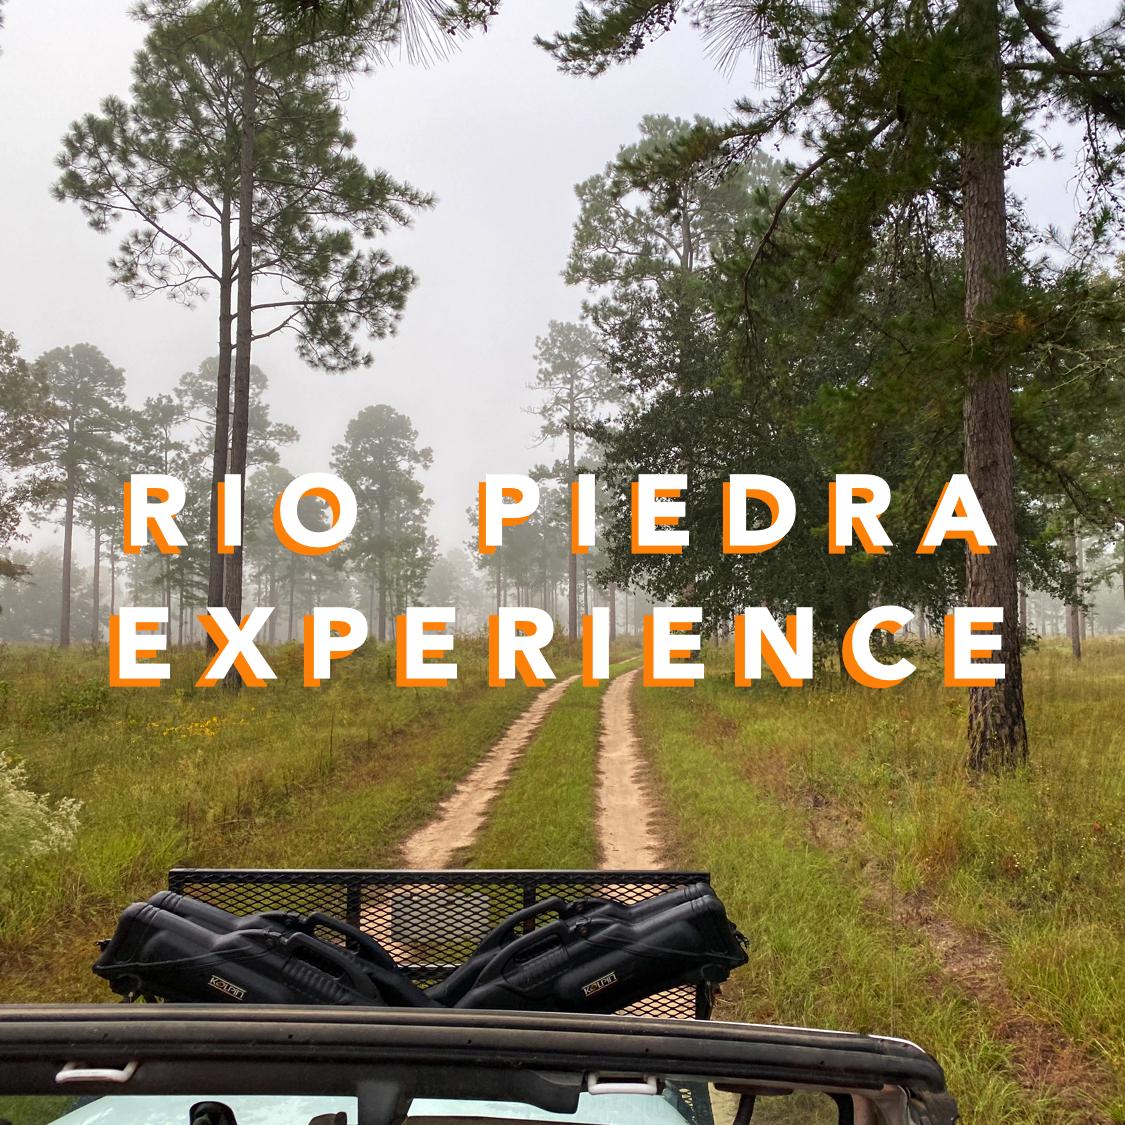 The Rio Piedra Experience